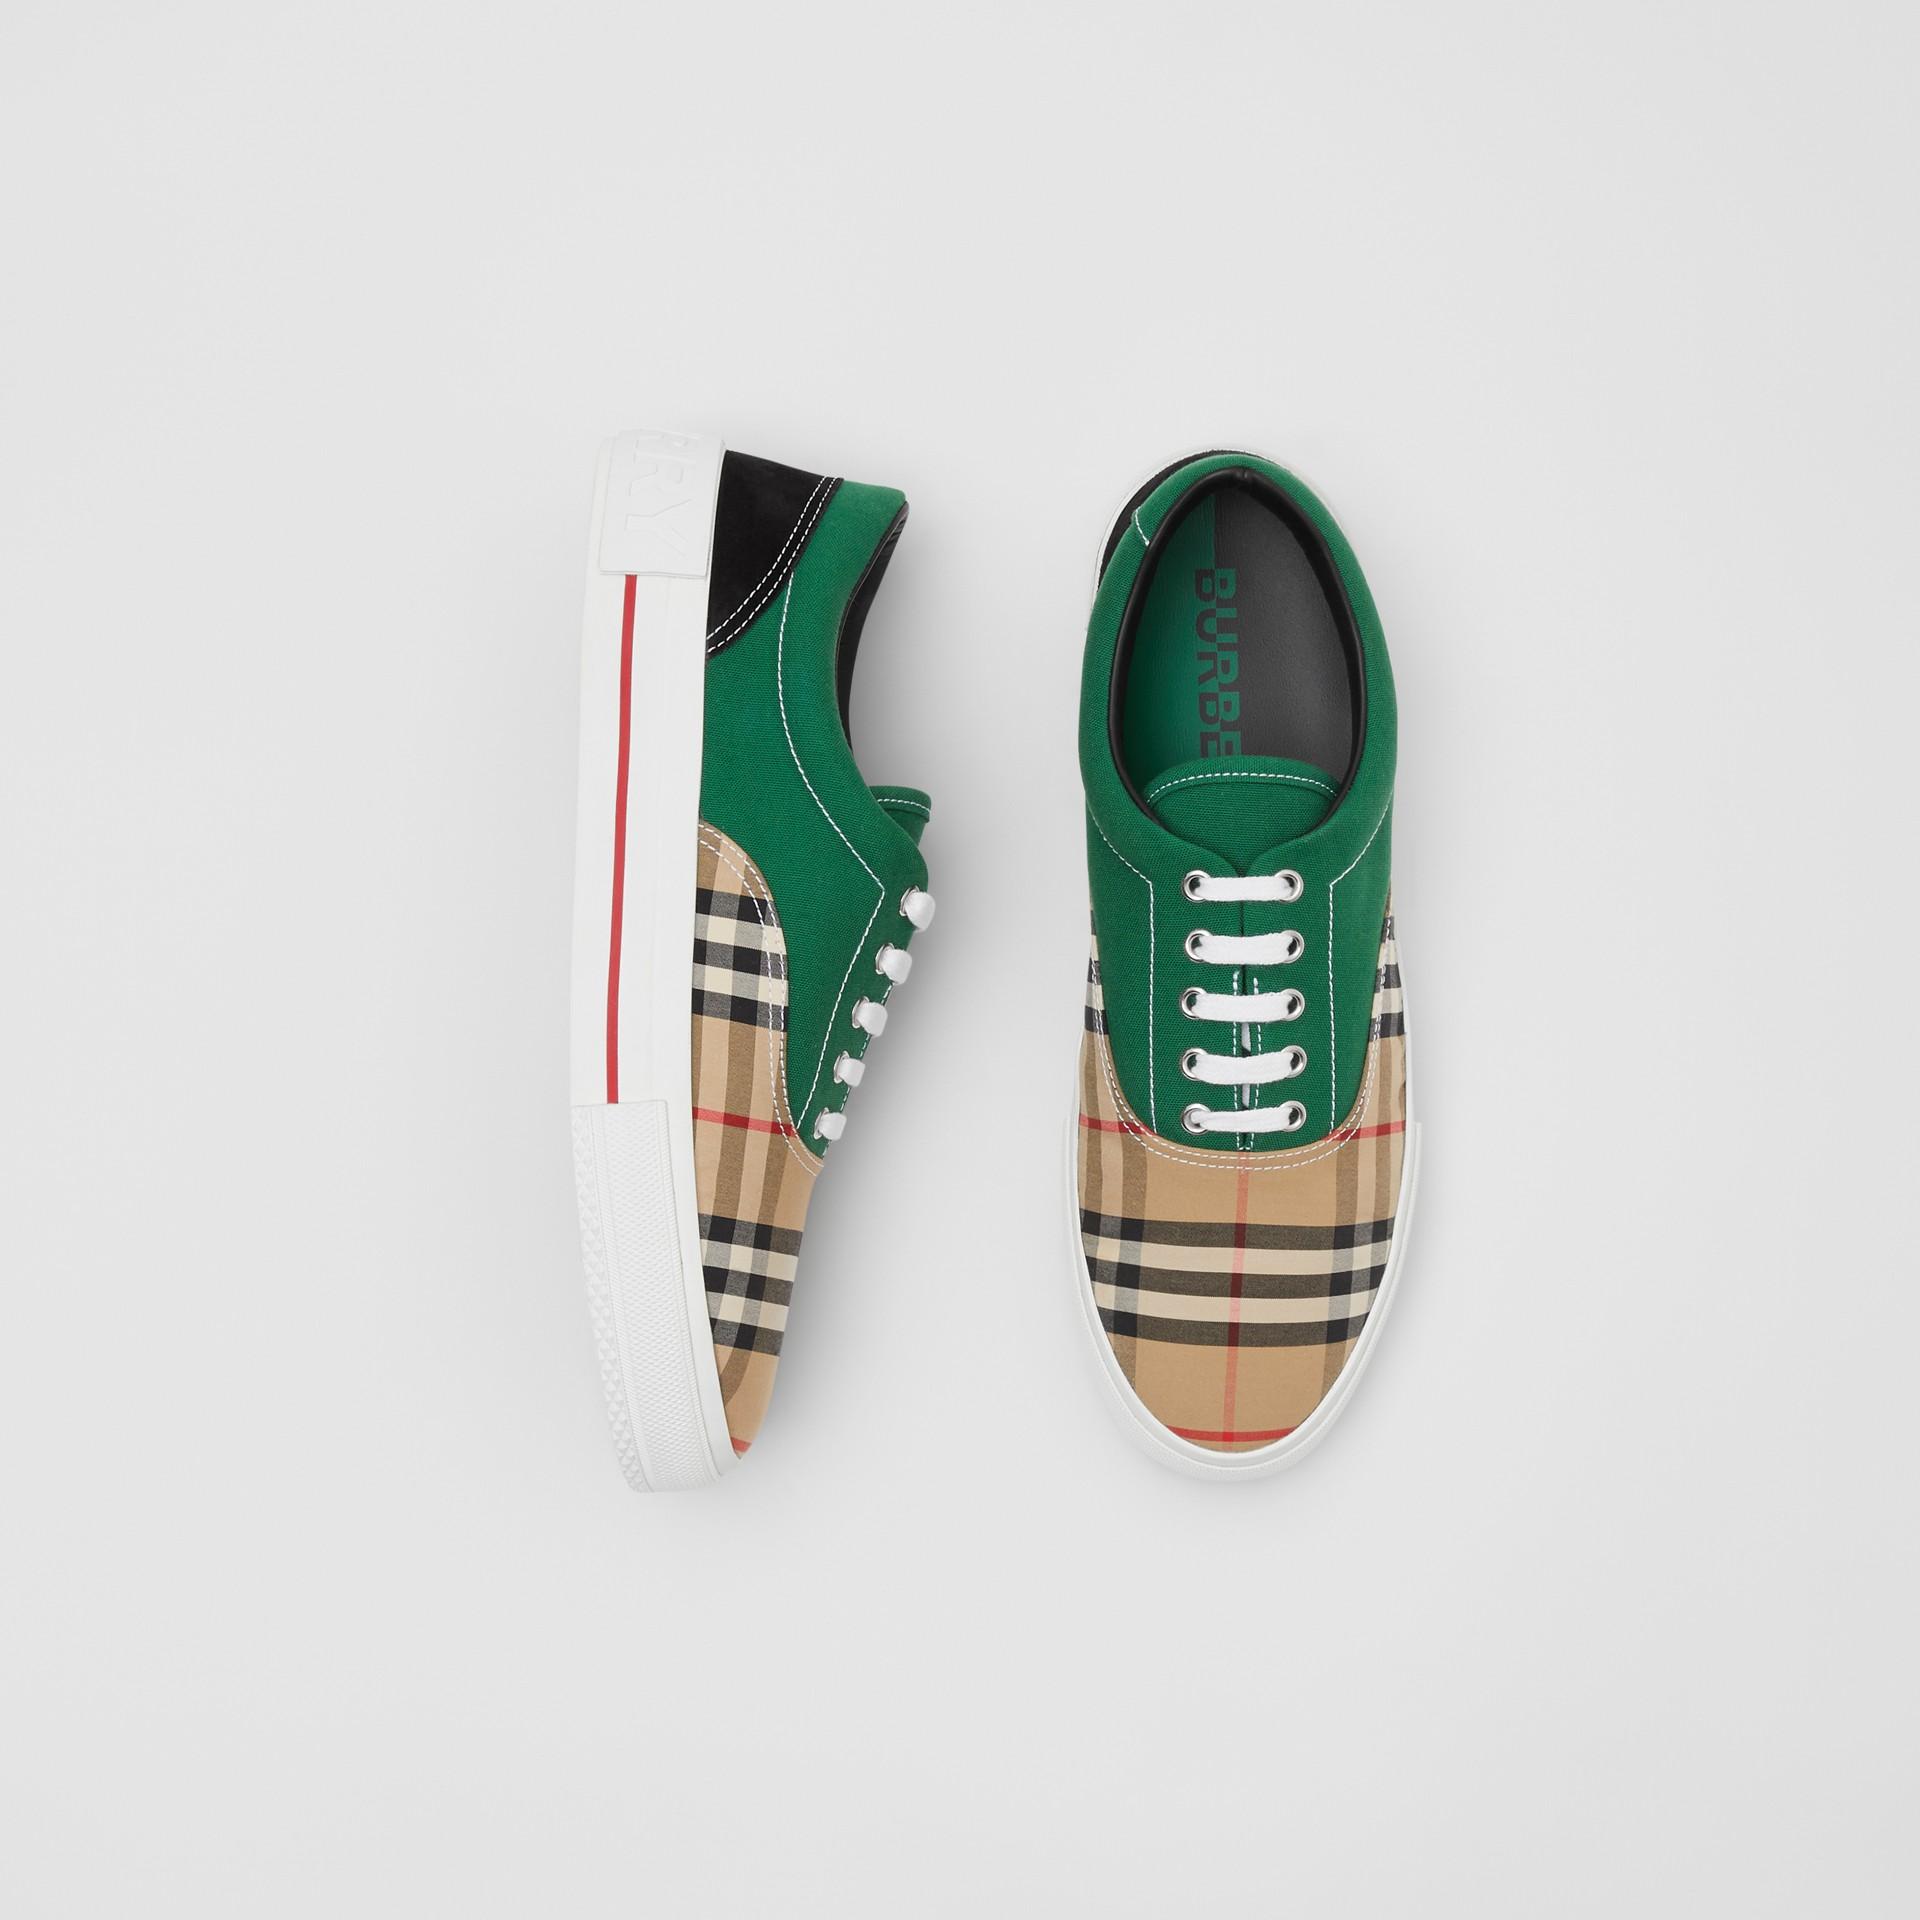 Sneakers en tissu Vintage check, toile de coton et cuir velours (Beige D'archive/vert) - Homme | Burberry - photo de la galerie 0